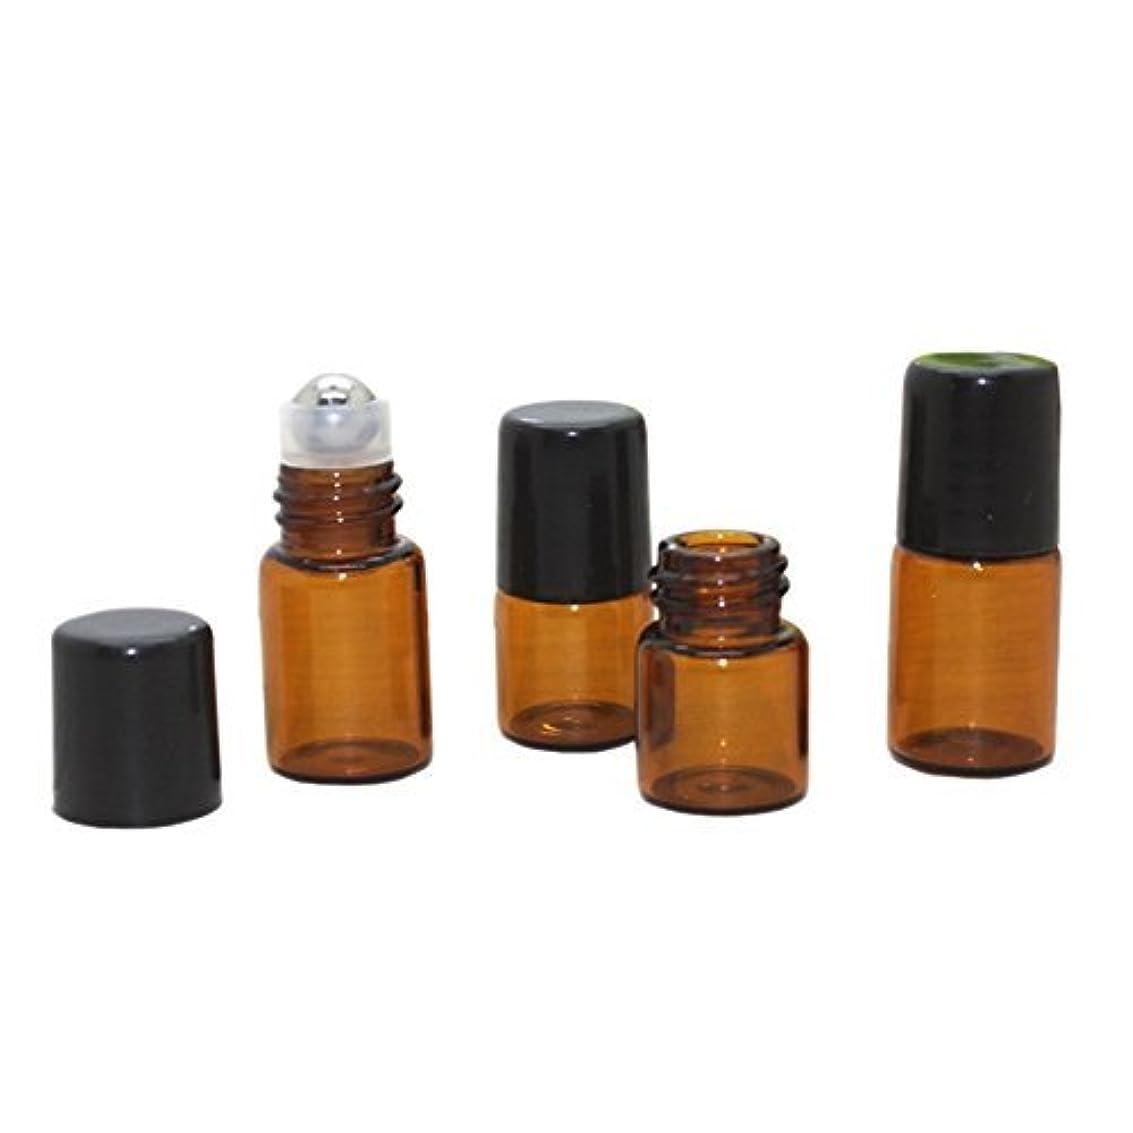 森林データ銀河HugeStore 25 Pcs Mini Tiny Refillable Empty Essential Oil Glass Roller Bottles Aromatherapy Liquid Amber Glass...